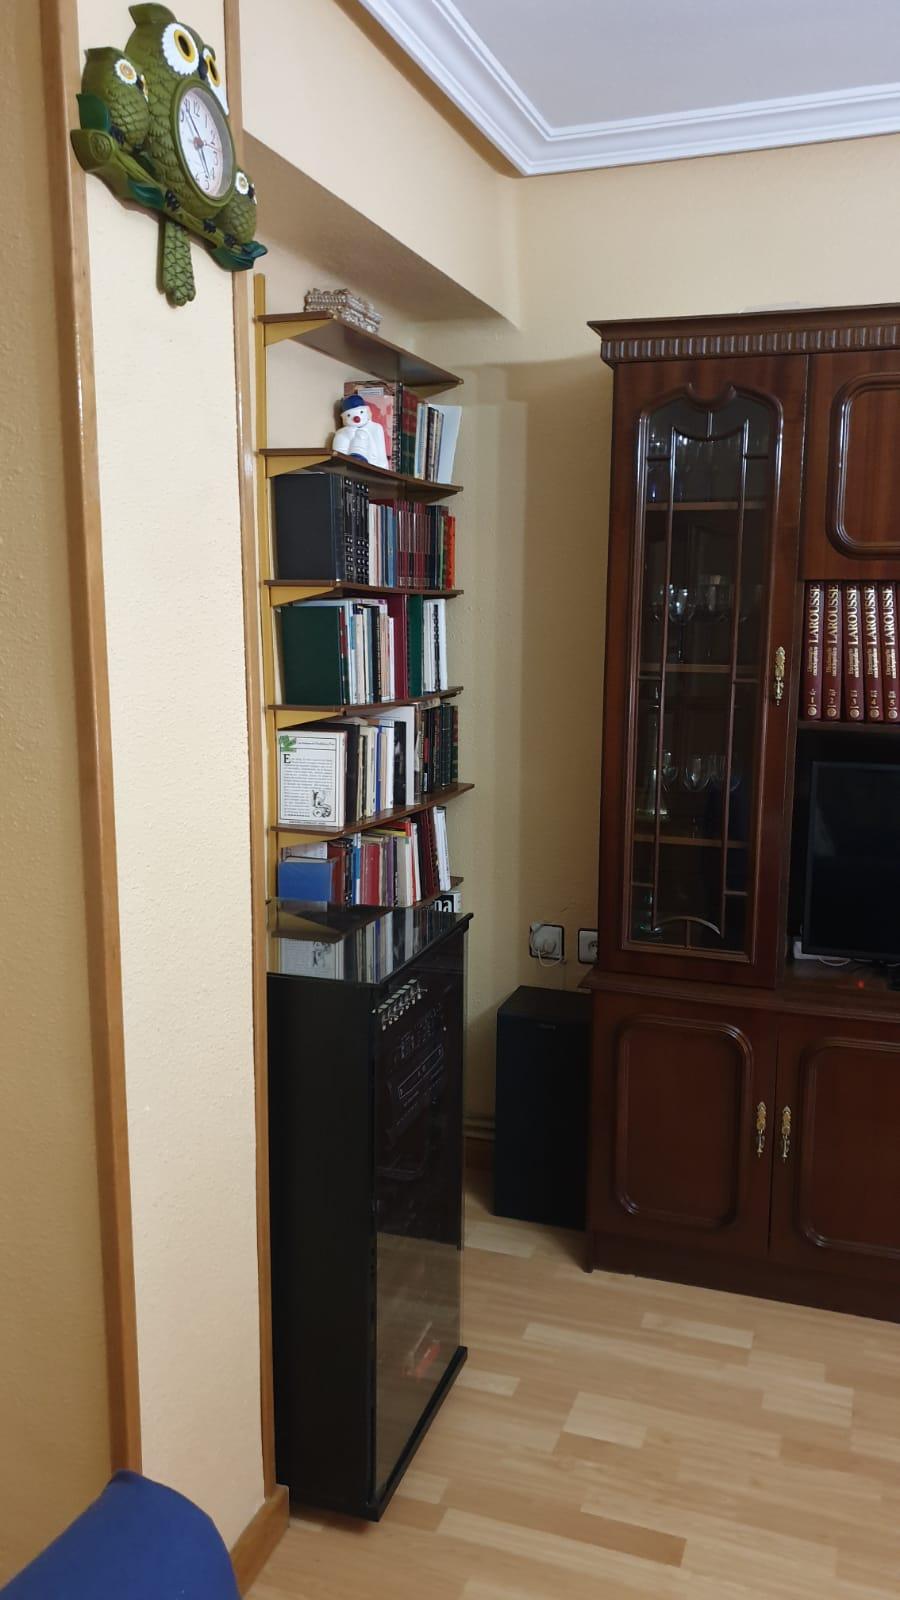 Piso de tres dormitorios junto a corte inglés (REF: 26) - foto 4 d0d57db6-f513-48ee-8d51-3e6d1d78302c.jpg